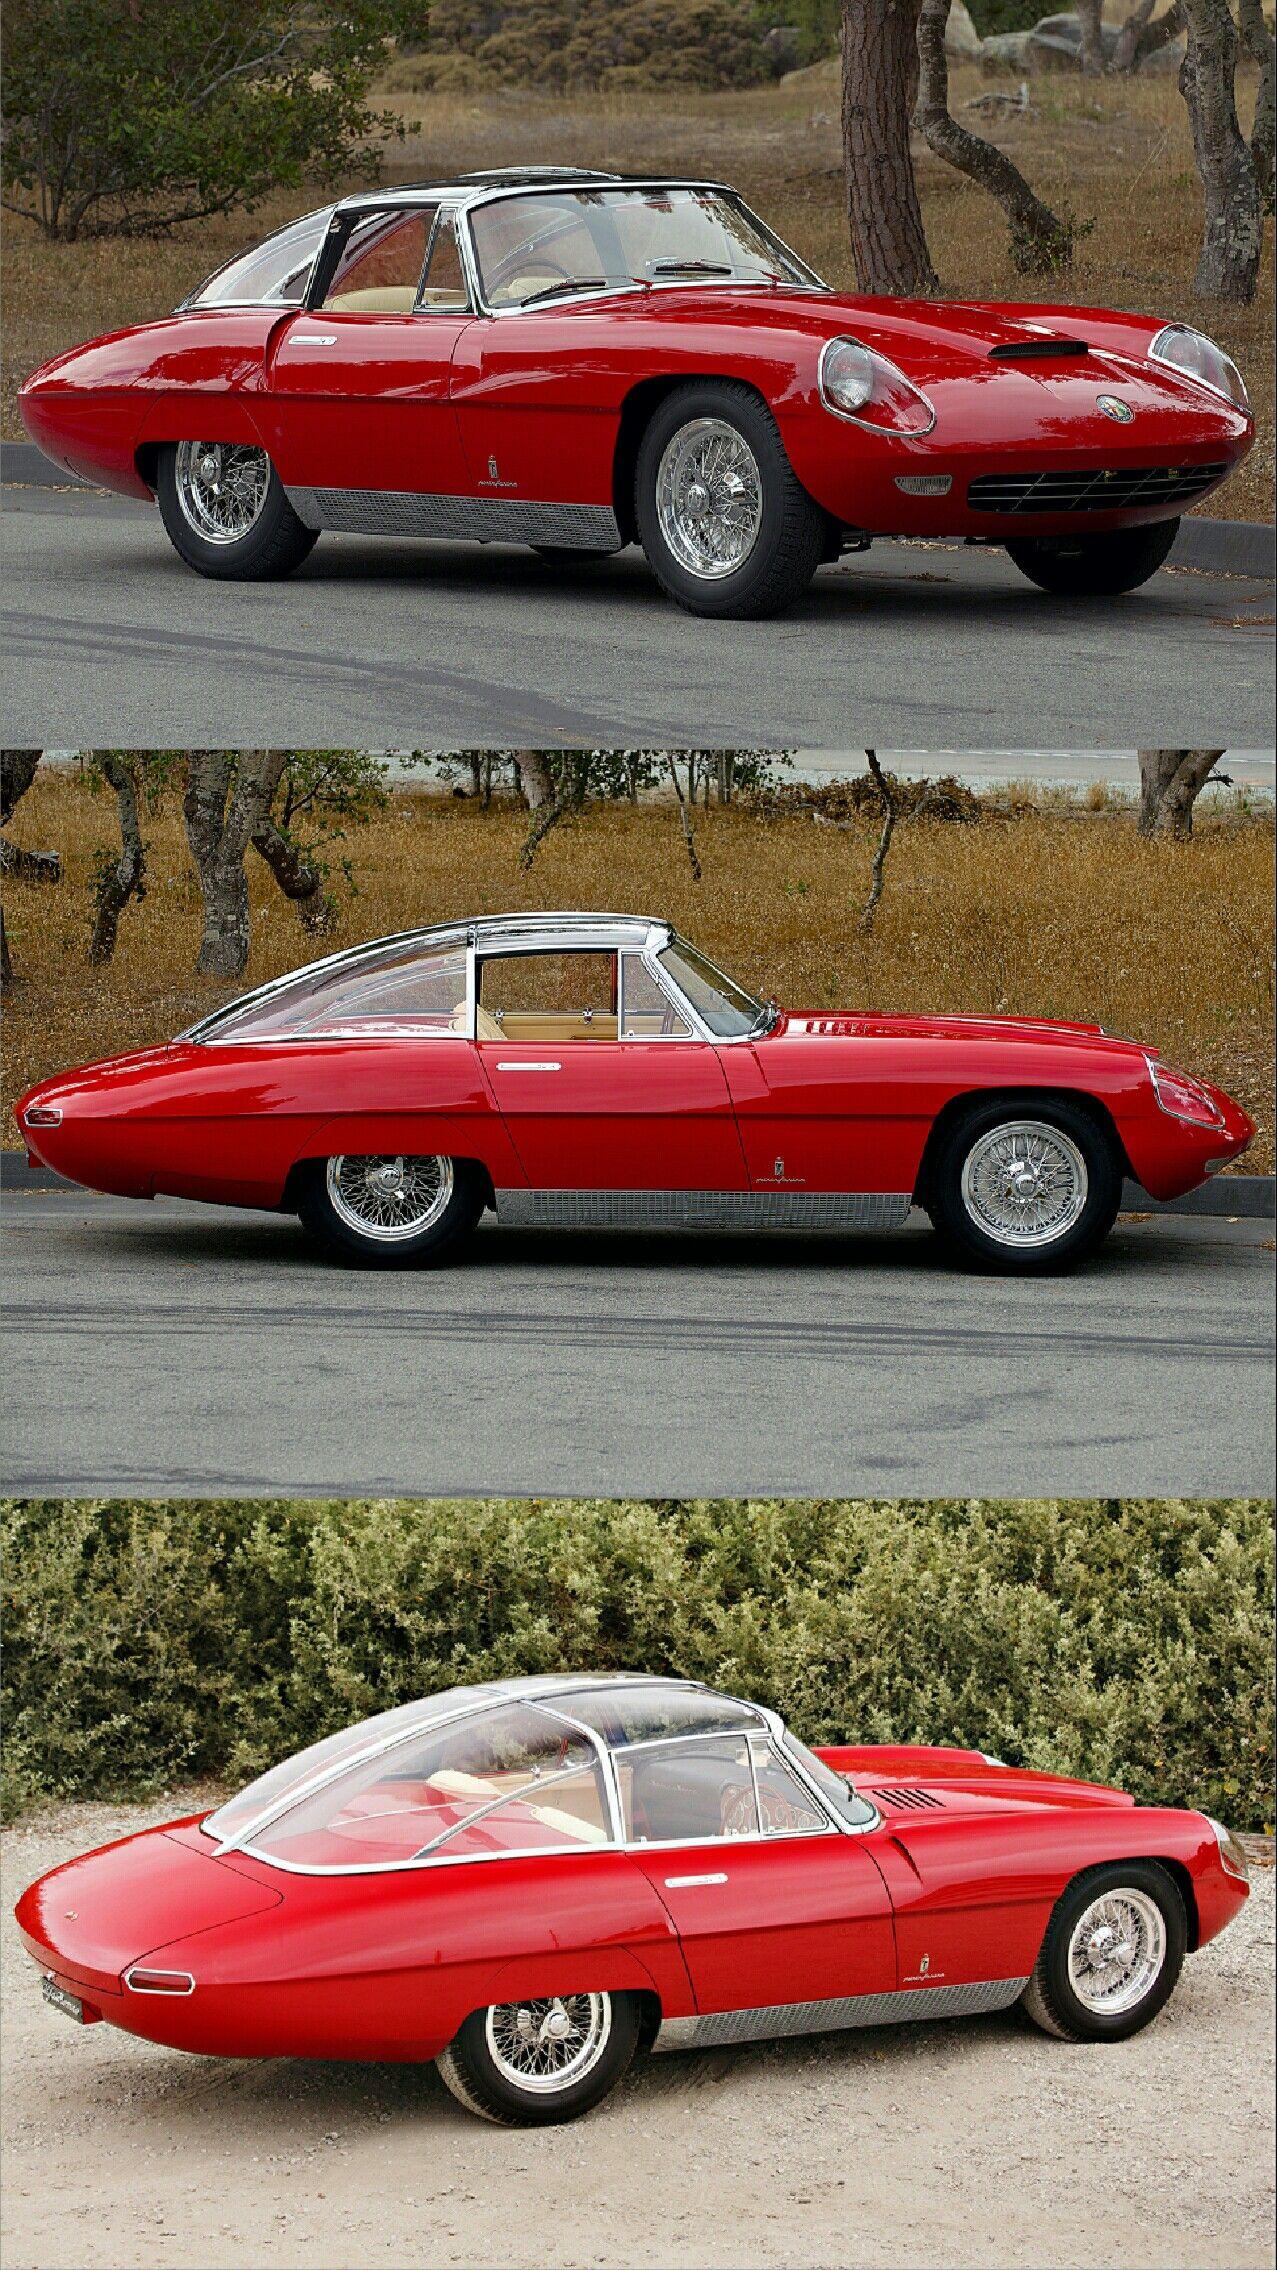 1959 Alfa Romeo 6c 3000 Cm Spider Super Sport Produced In A Single Copy In 2020 Alfa Romeo Super Sport Romeo